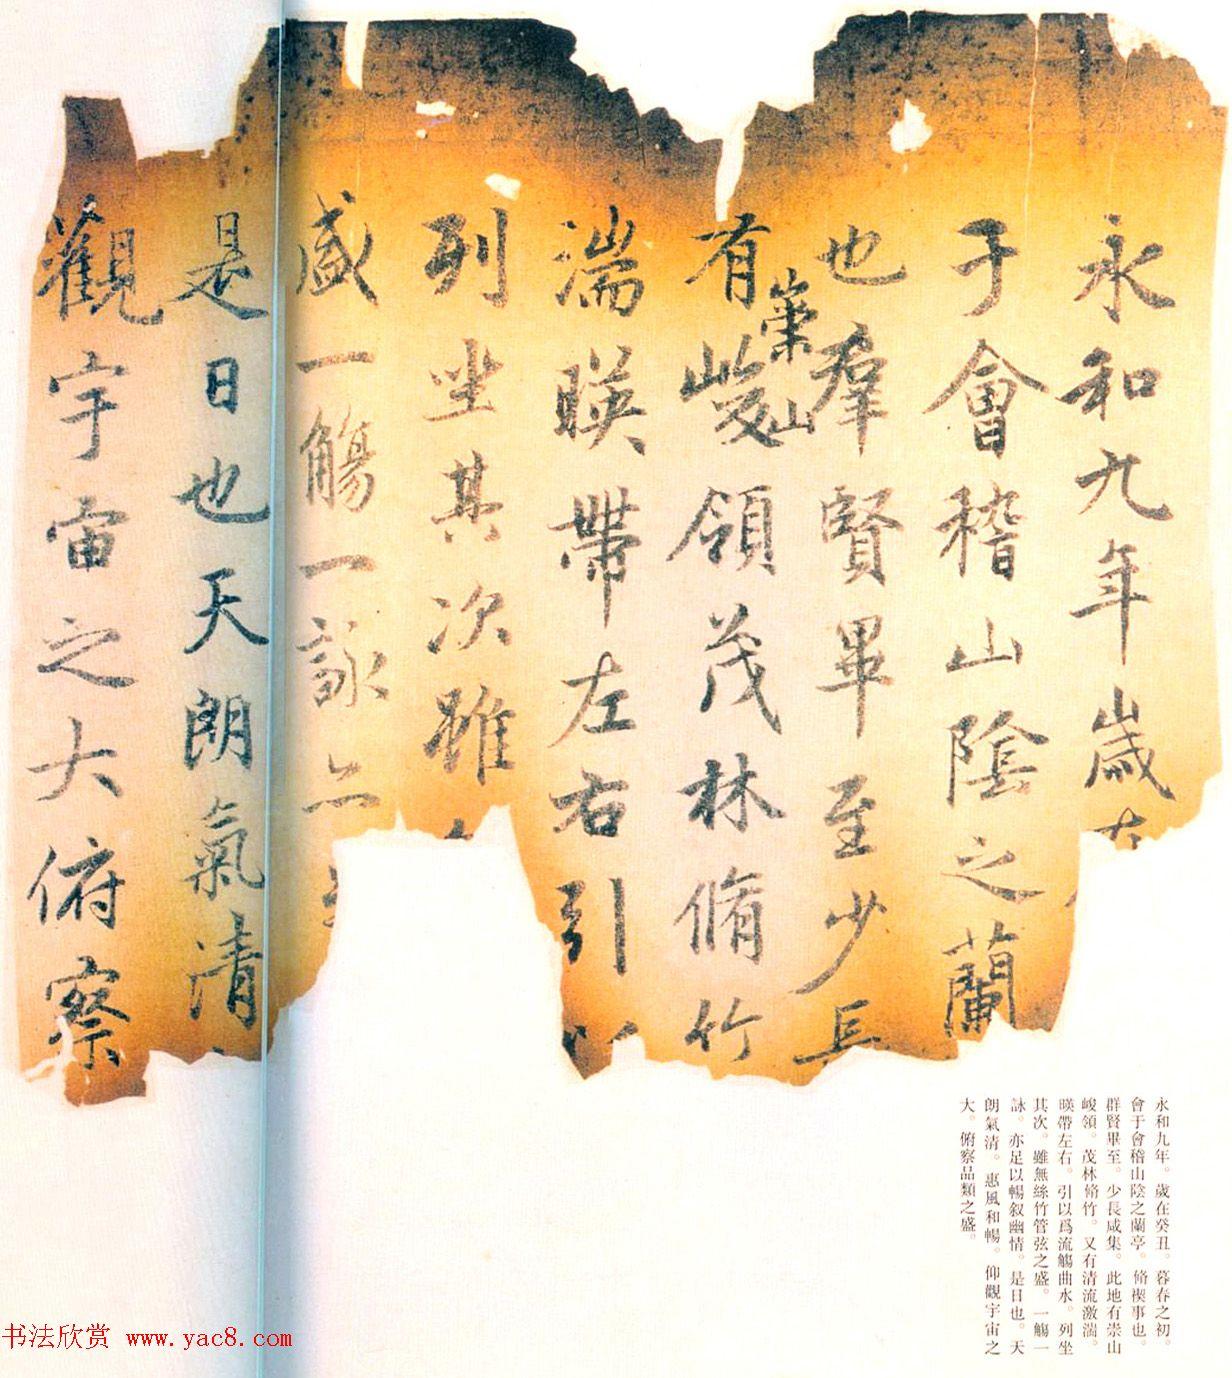 赵孟頫临书《定武兰亭序》独孤本残本